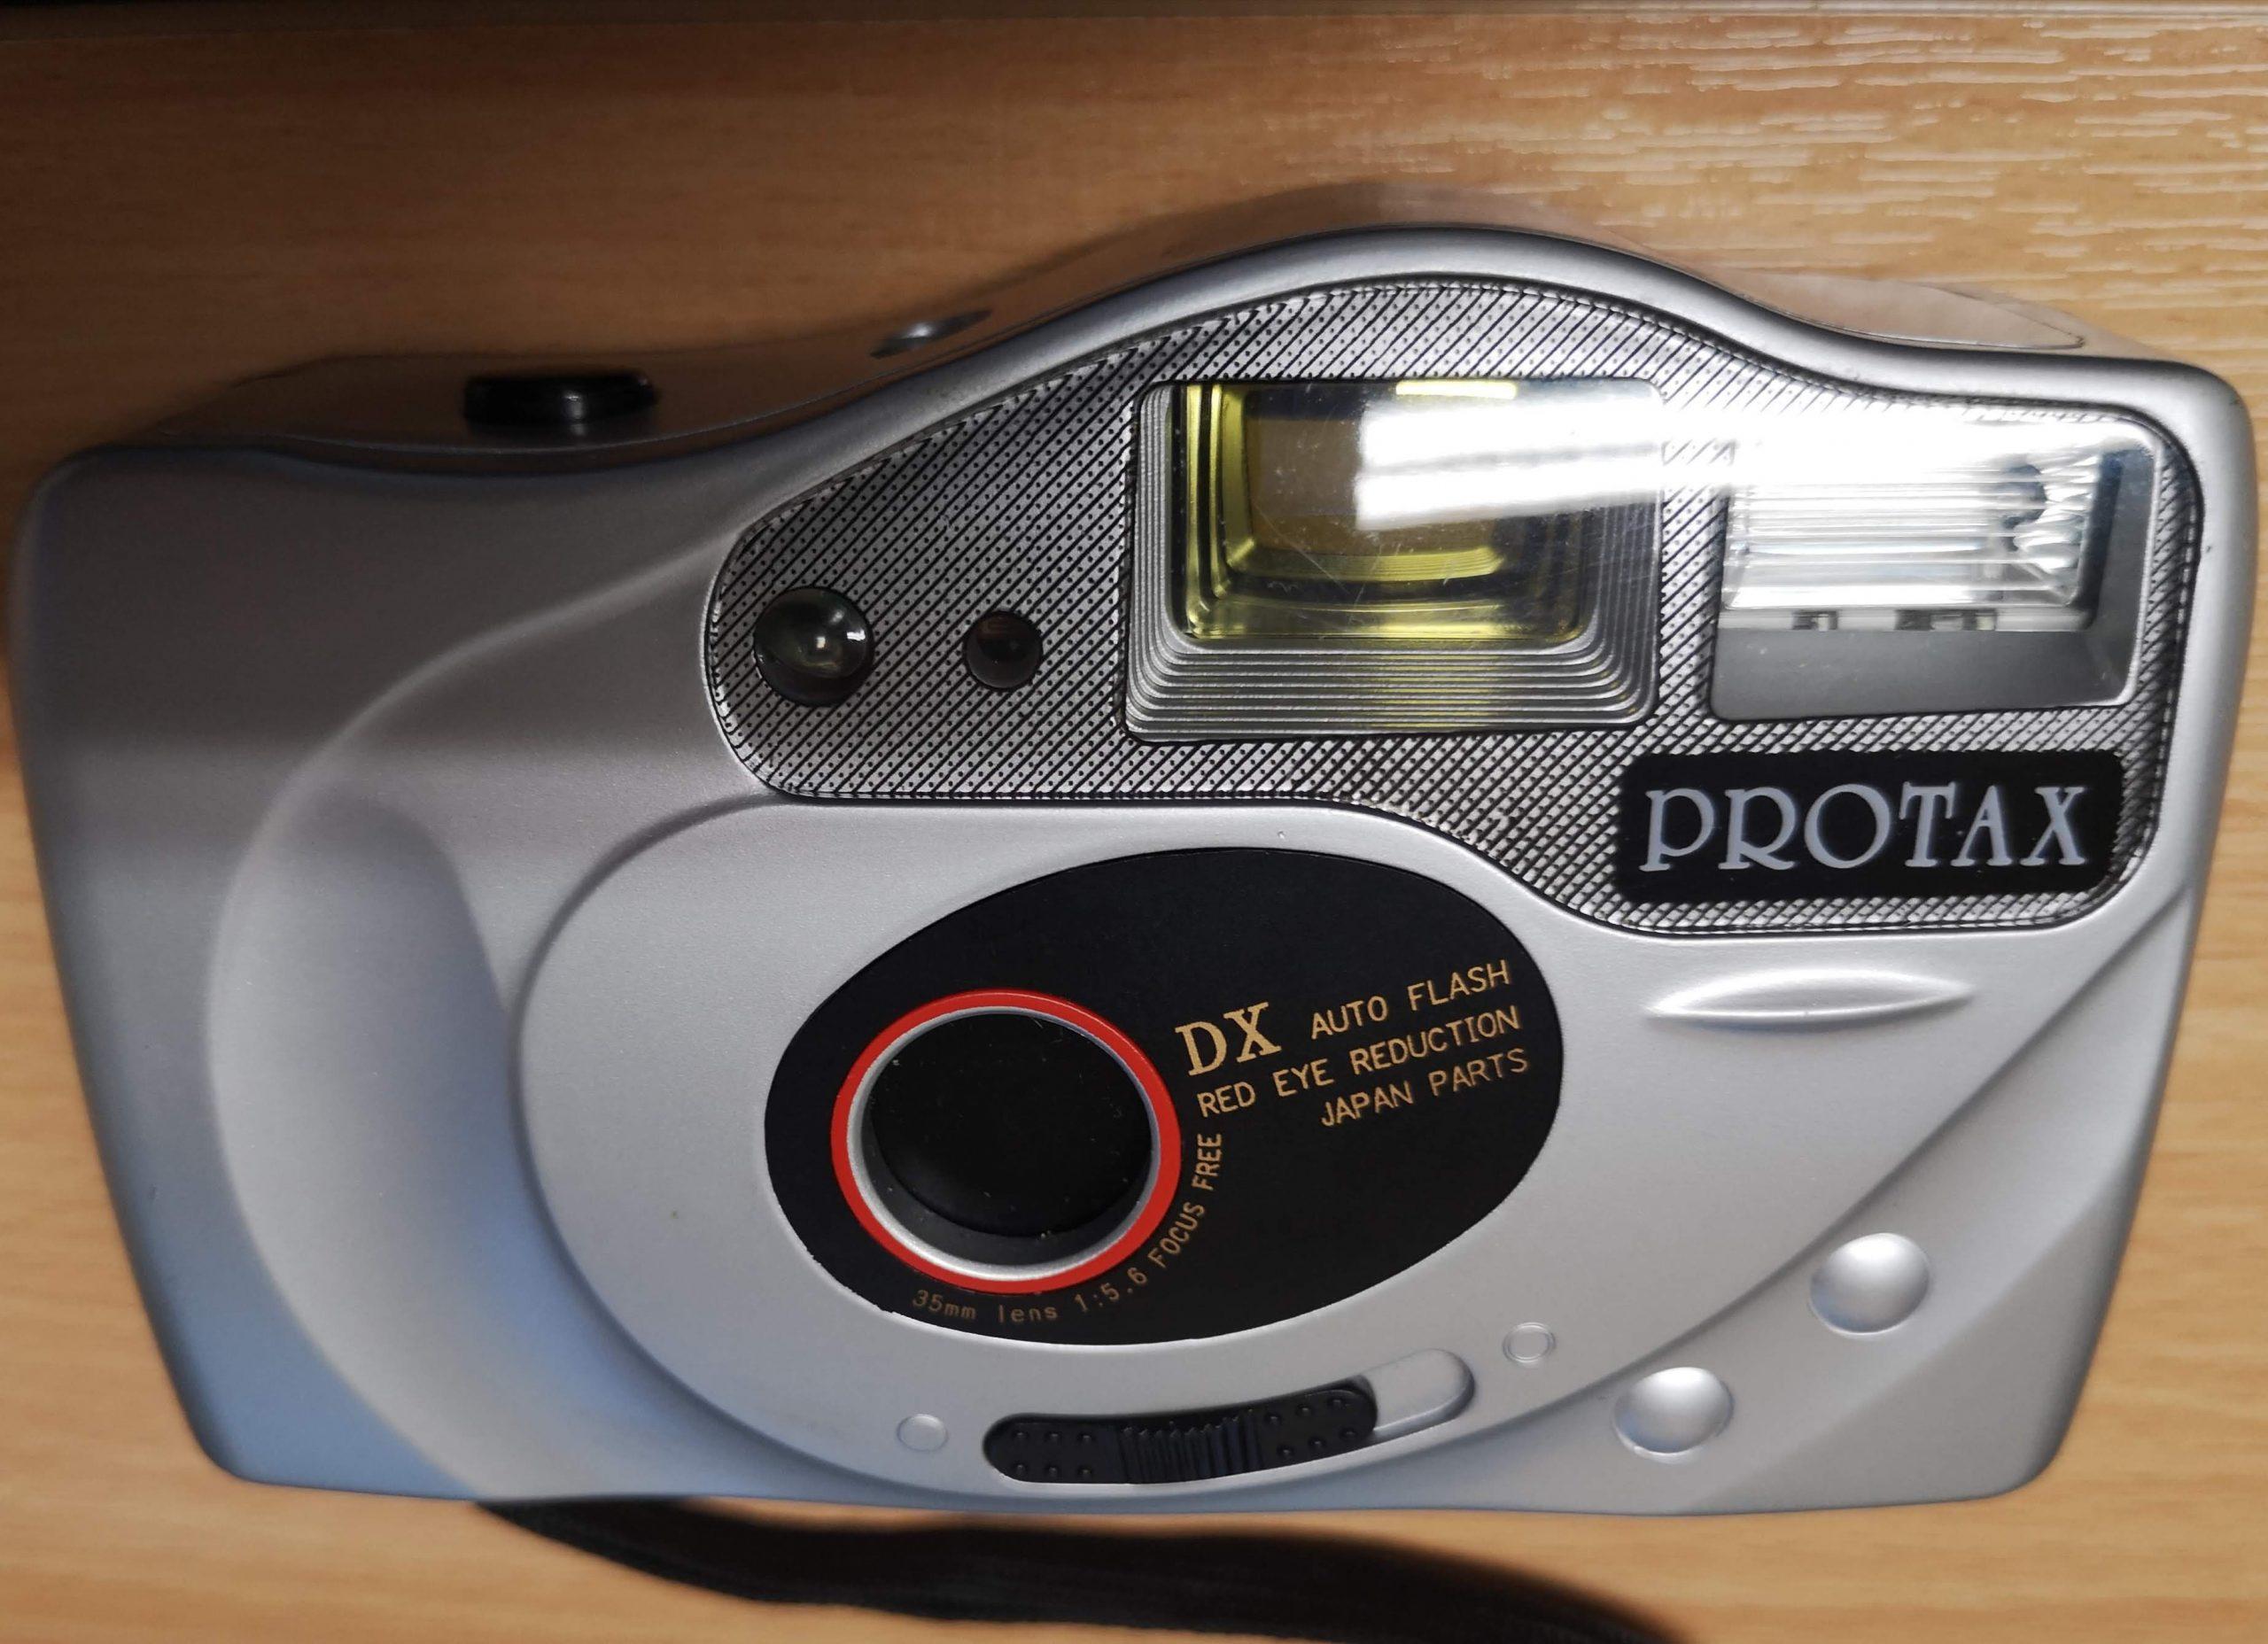 Protax DX autoflash